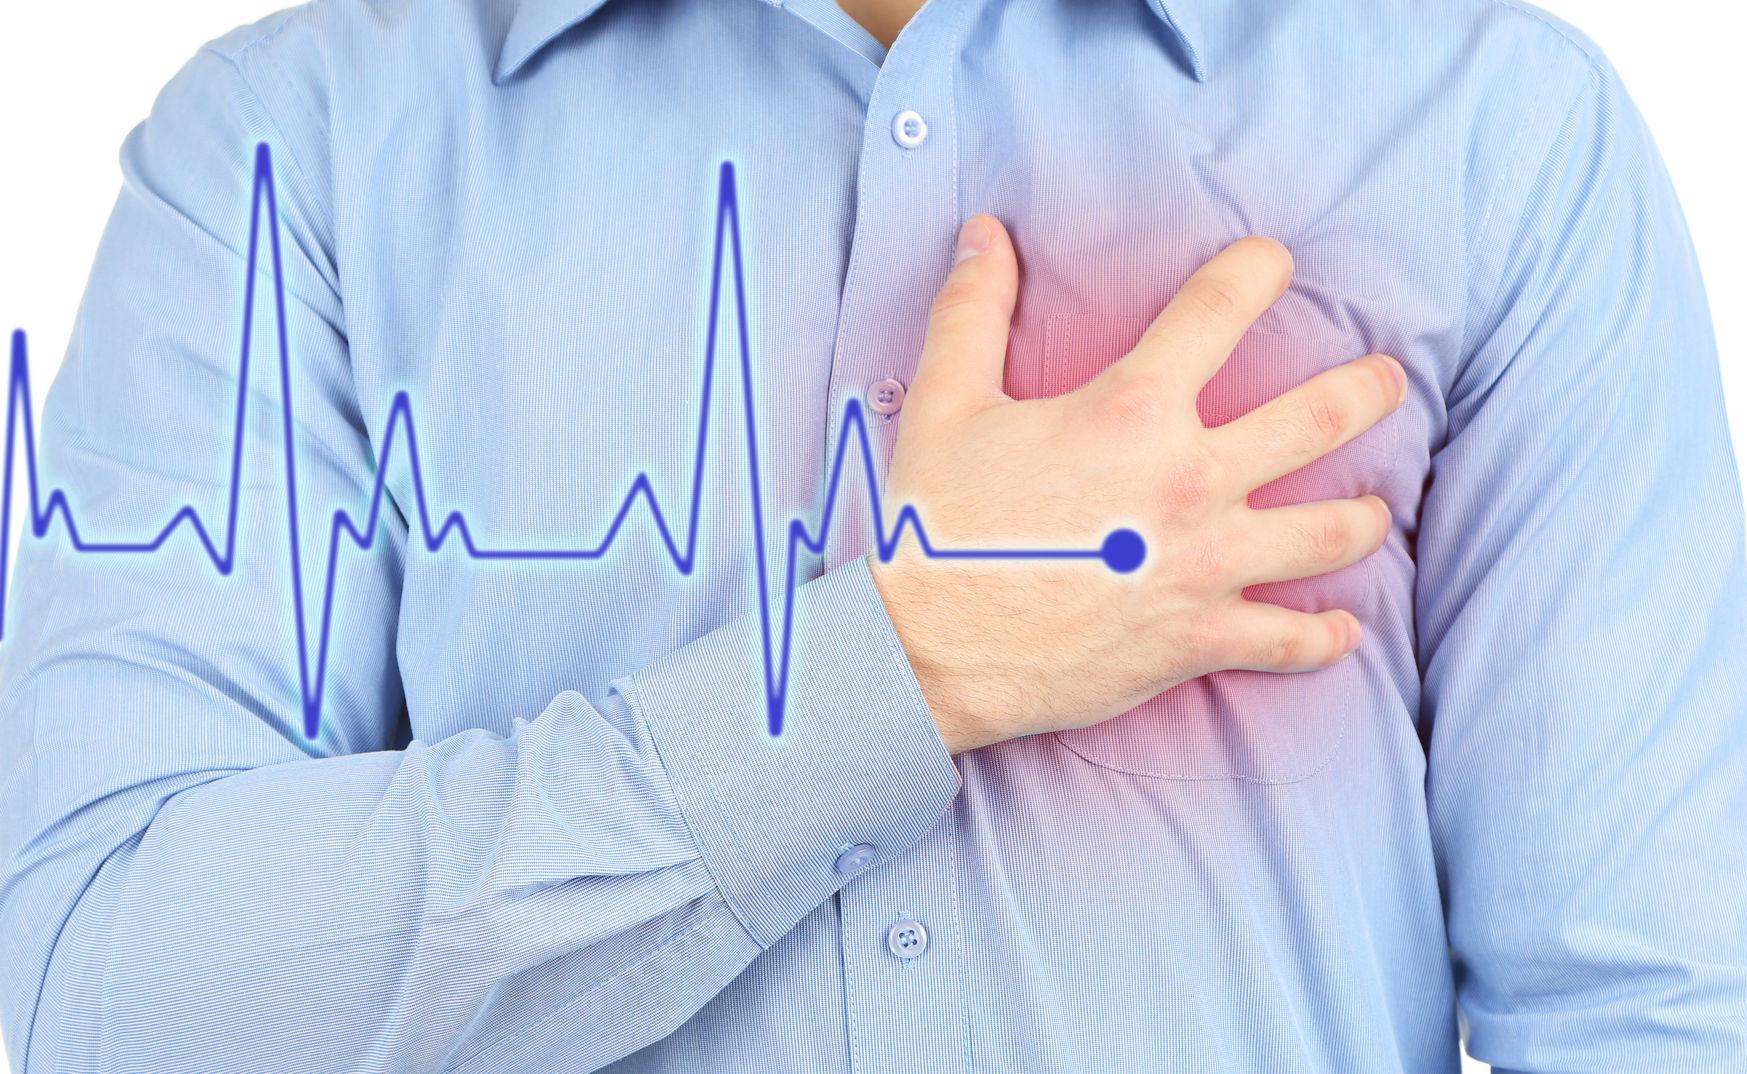 Аневризма сердца — Диагностика и методы лечения, советы врачей